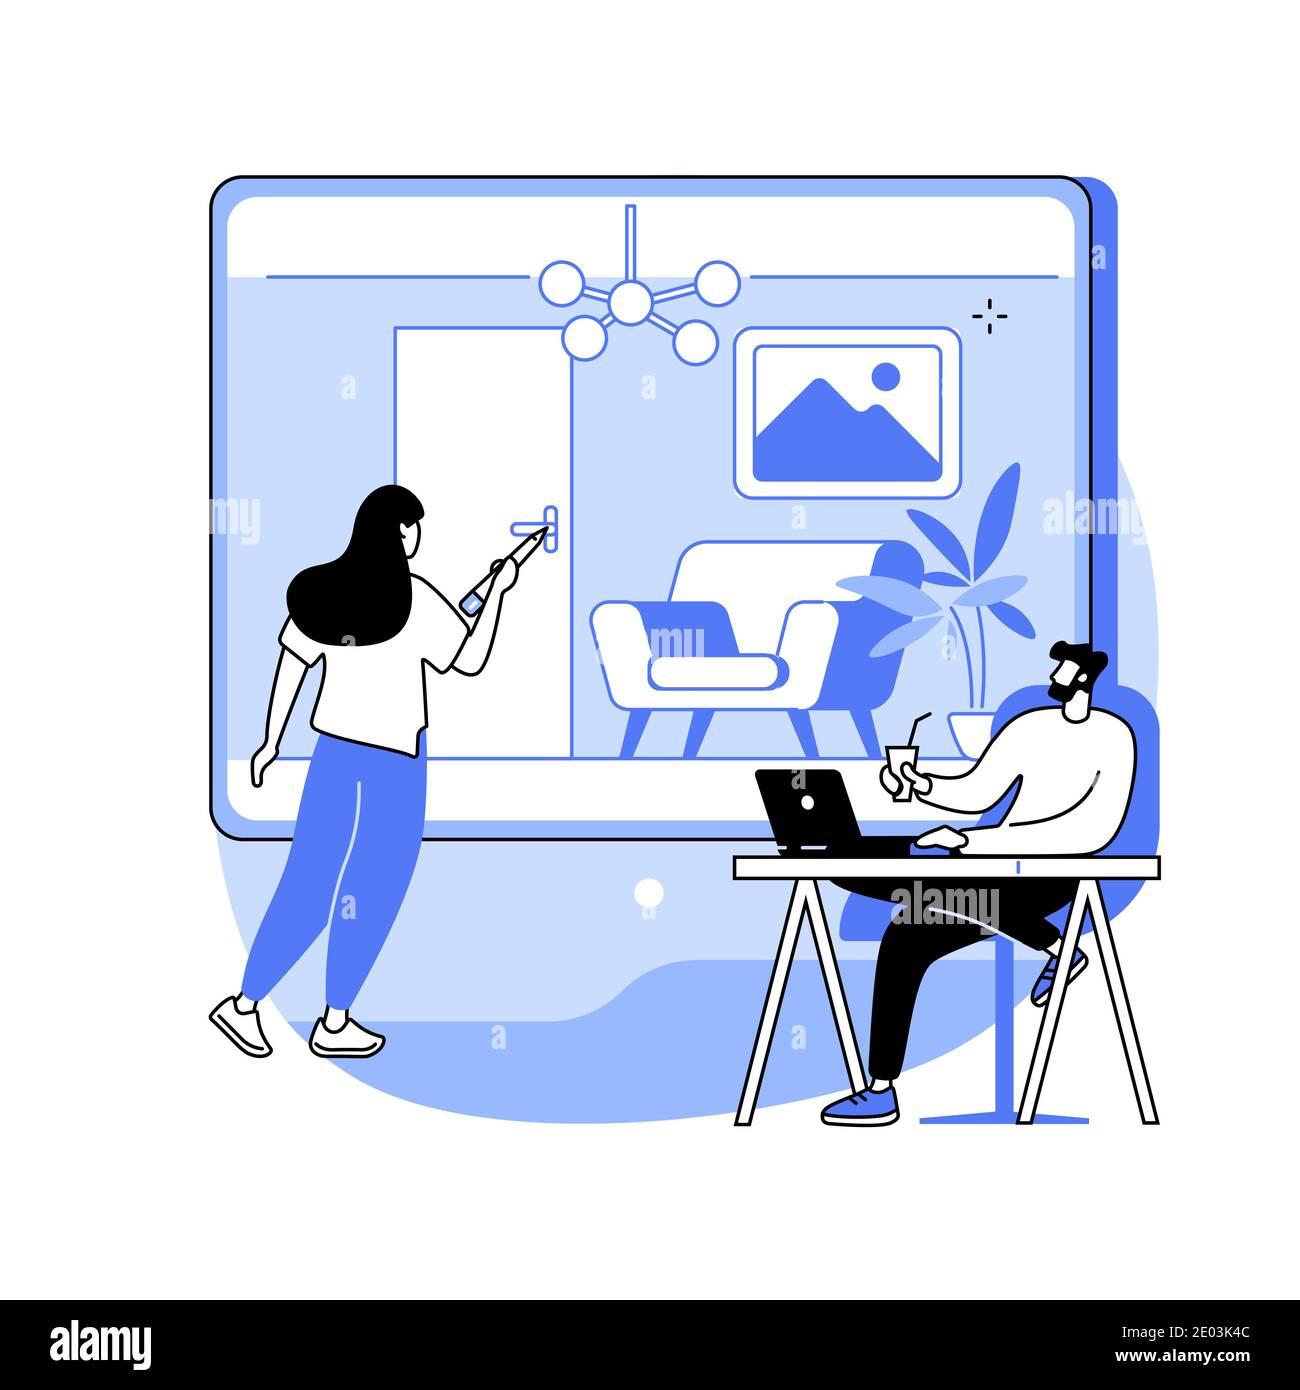 Design intérieur abstrait concept illustration vectorielle. Illustration de Vecteur